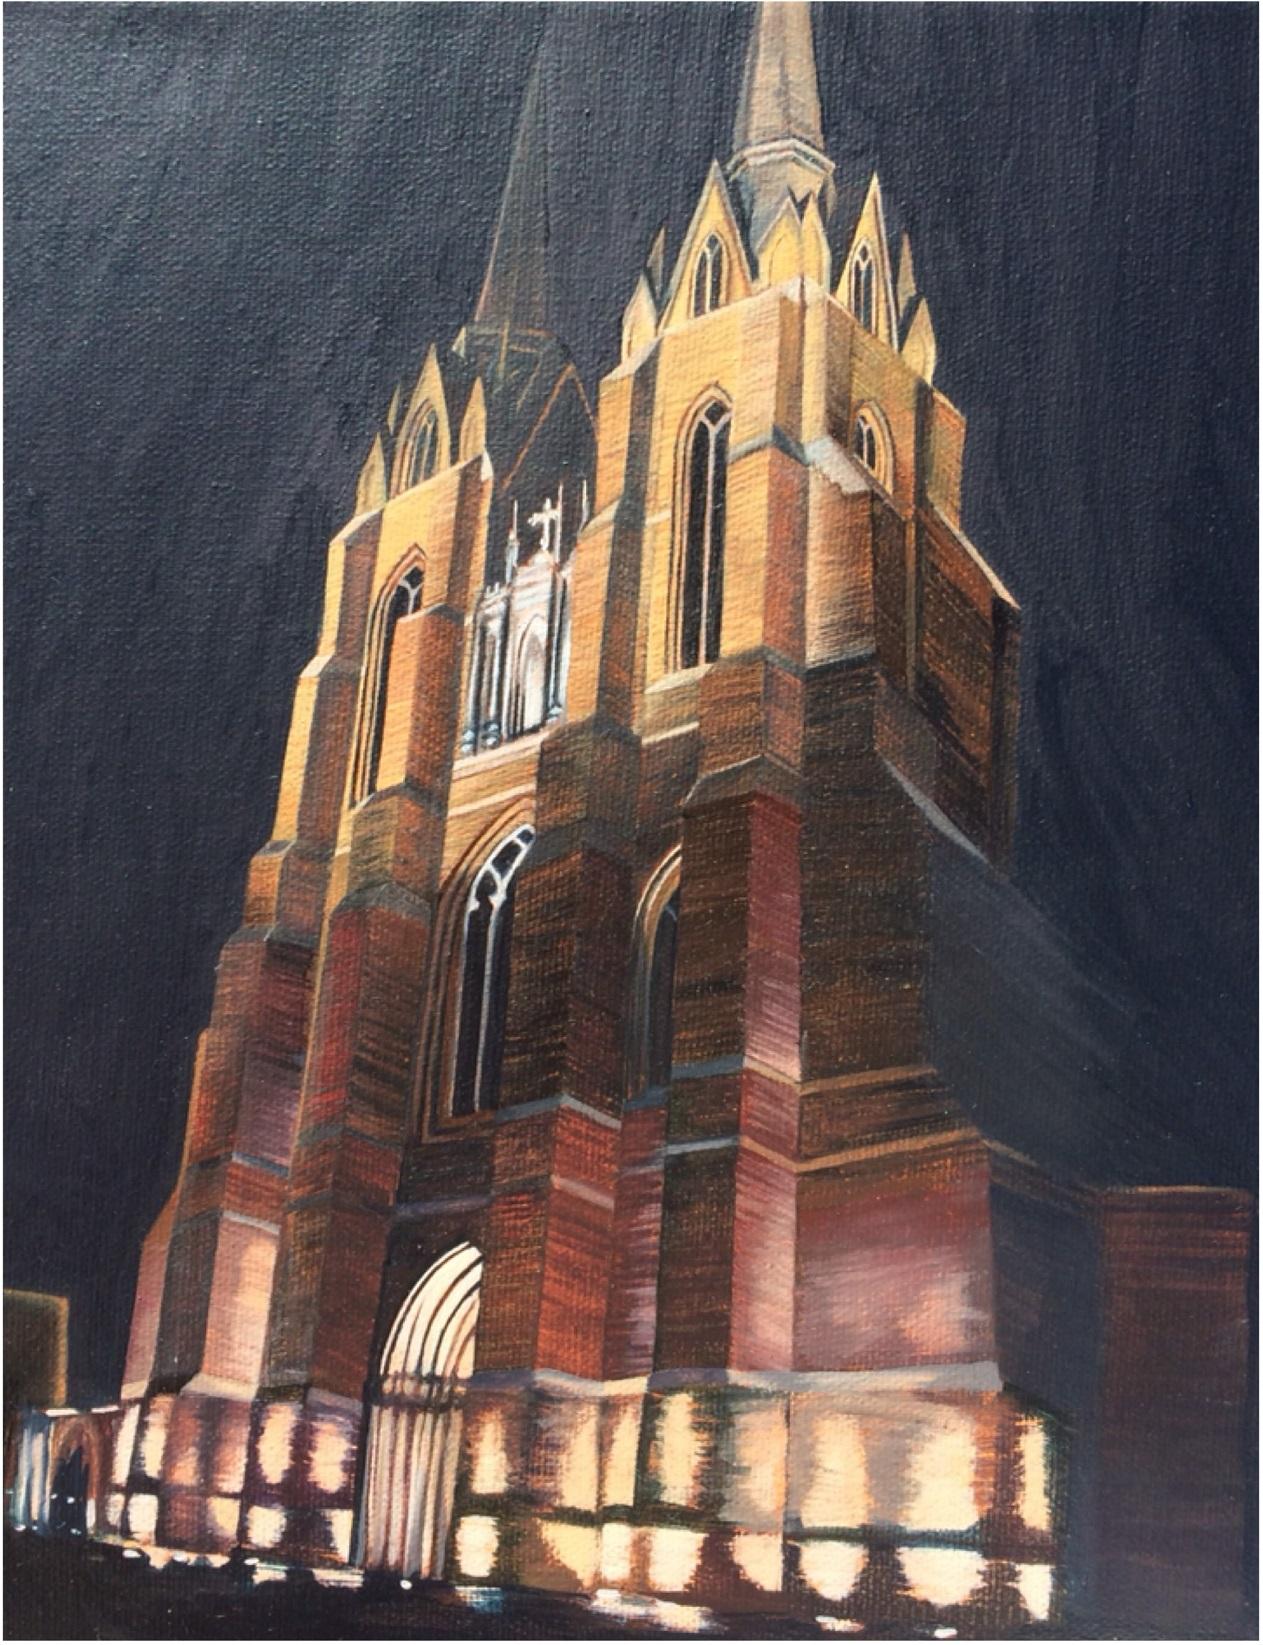 karenGarrett_church_night